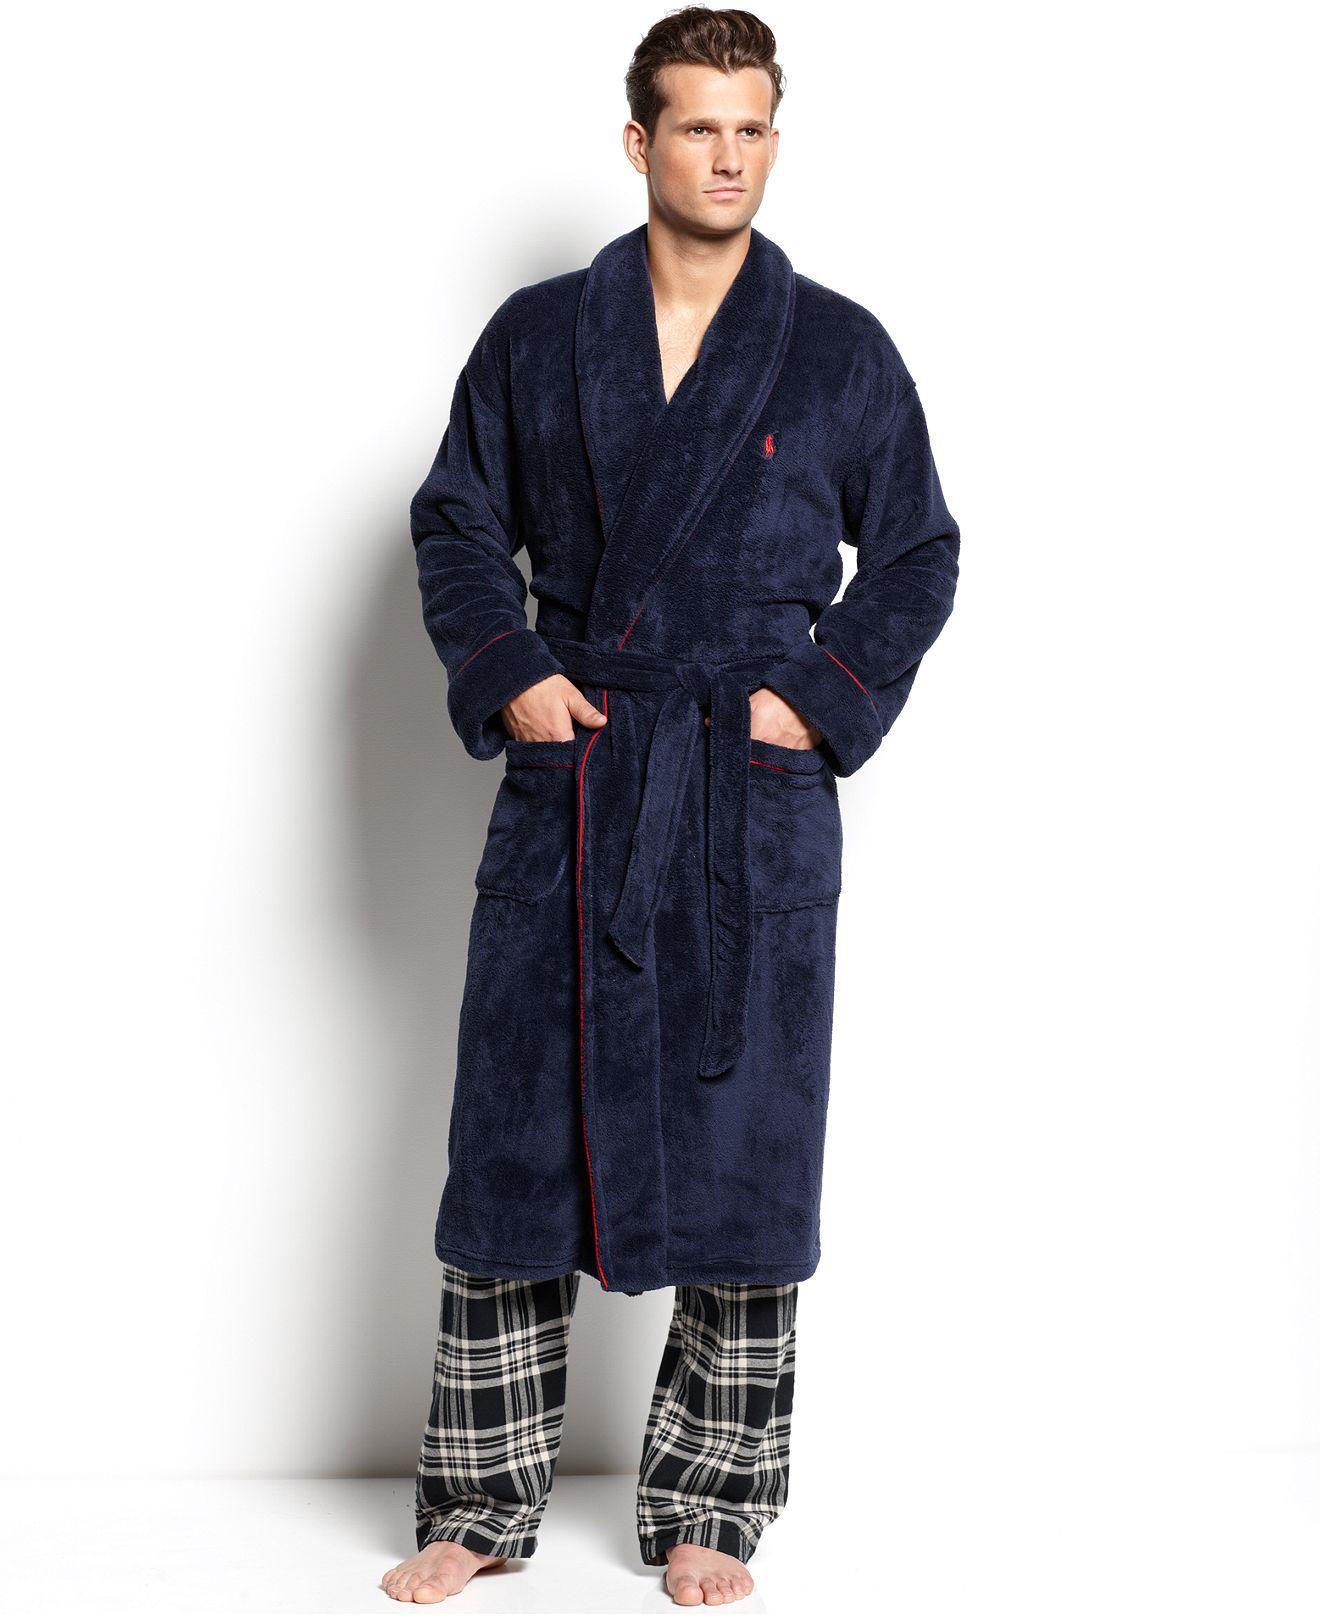 47d89024e87e Polo Ralph Lauren Men's Sleepwear, Fleece Shawl Collar Robe - Pajamas, Robes  & Slippers - Men - Macy's